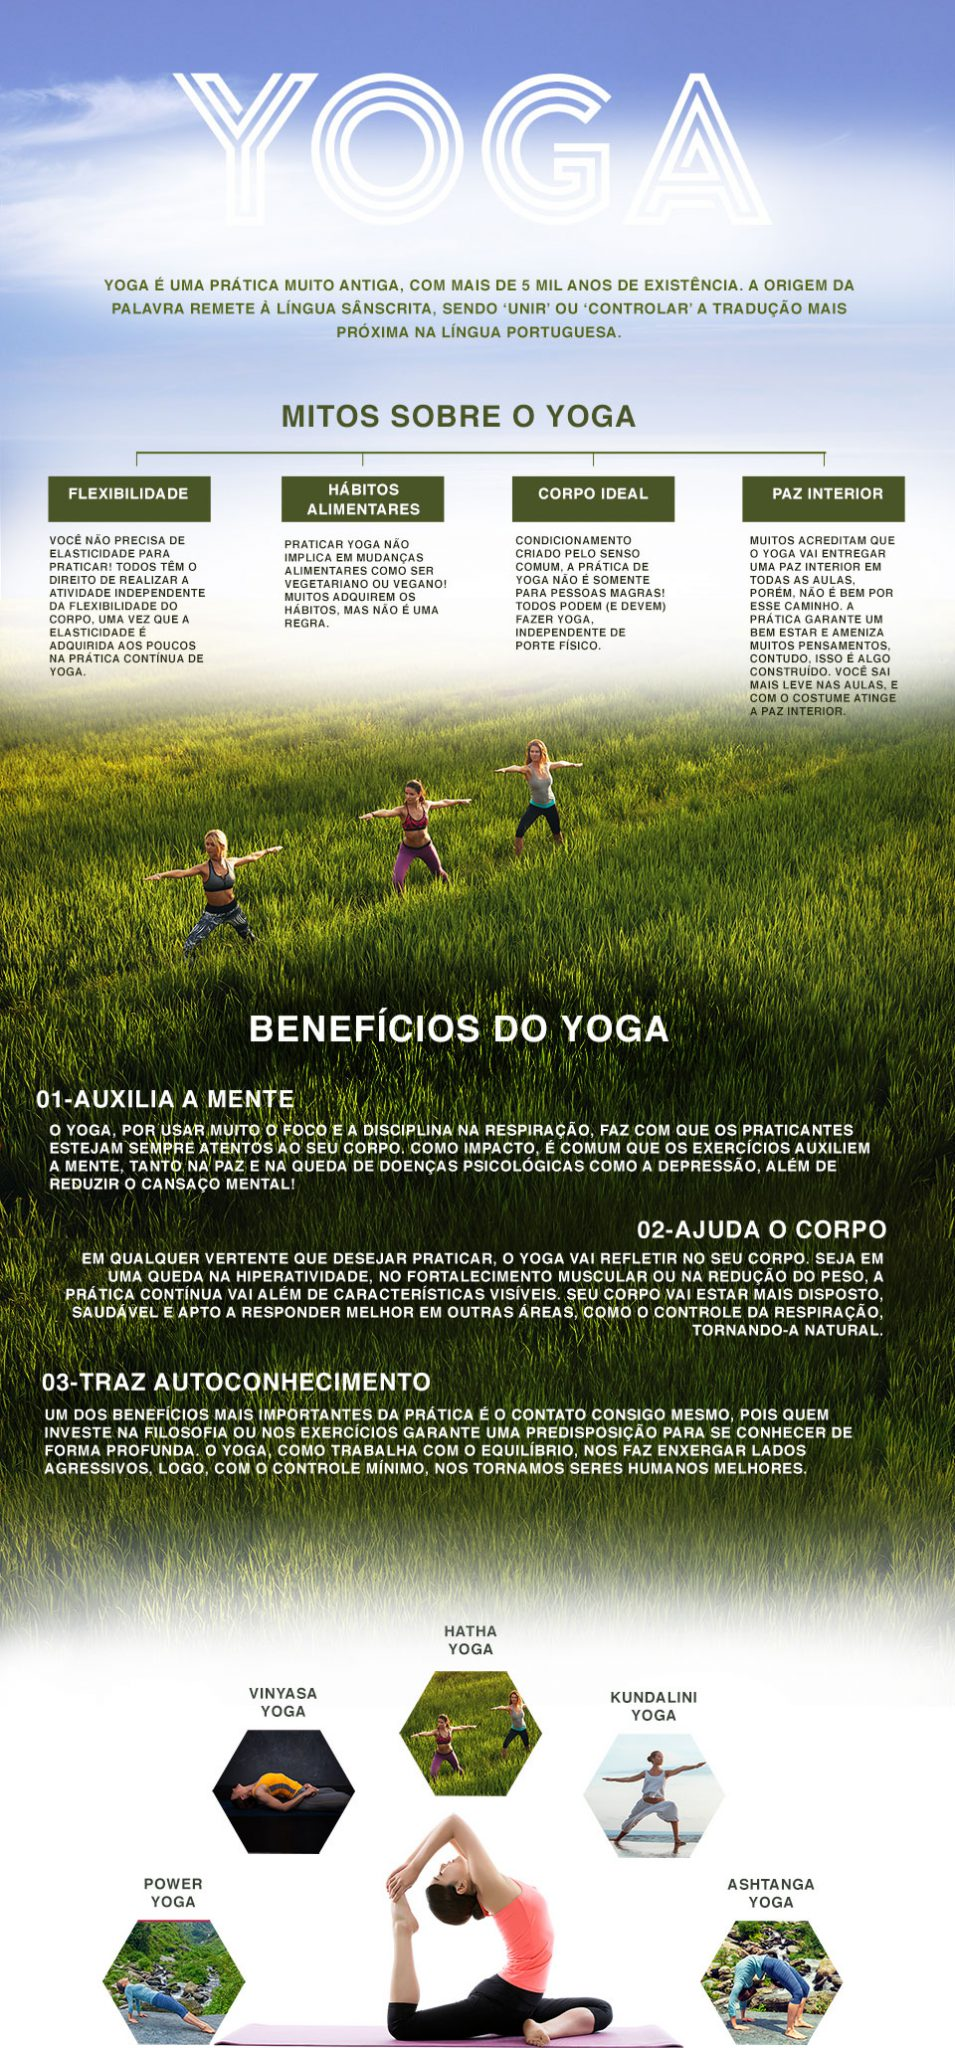 infográfico sobre yoga, tipos, mitos e benefícios